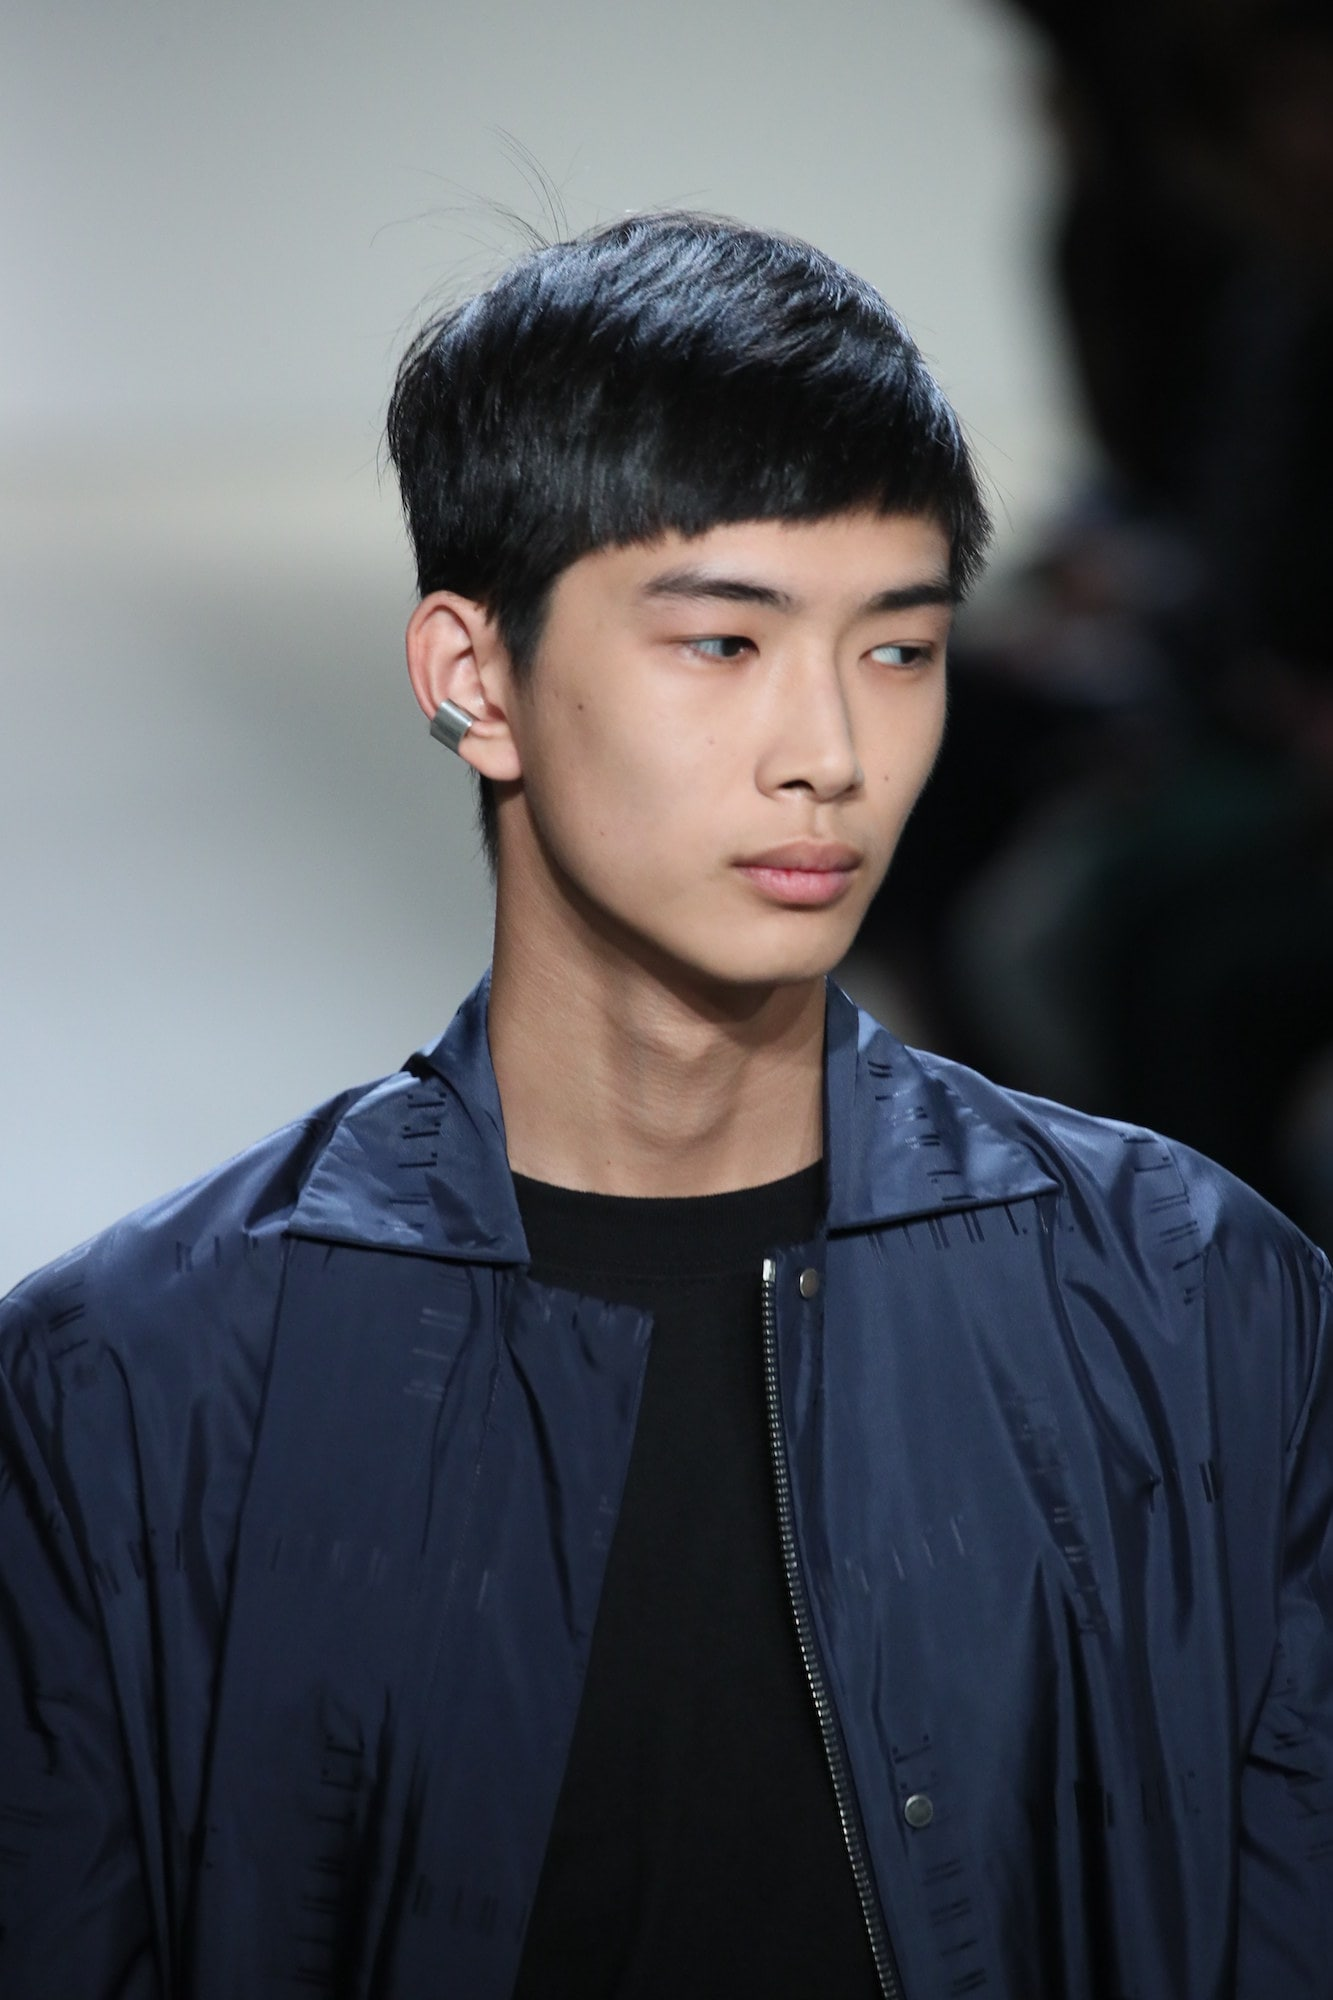 Model Rambut Pria Yang Cocok Untuk Rambut Tipis - Galeri ...